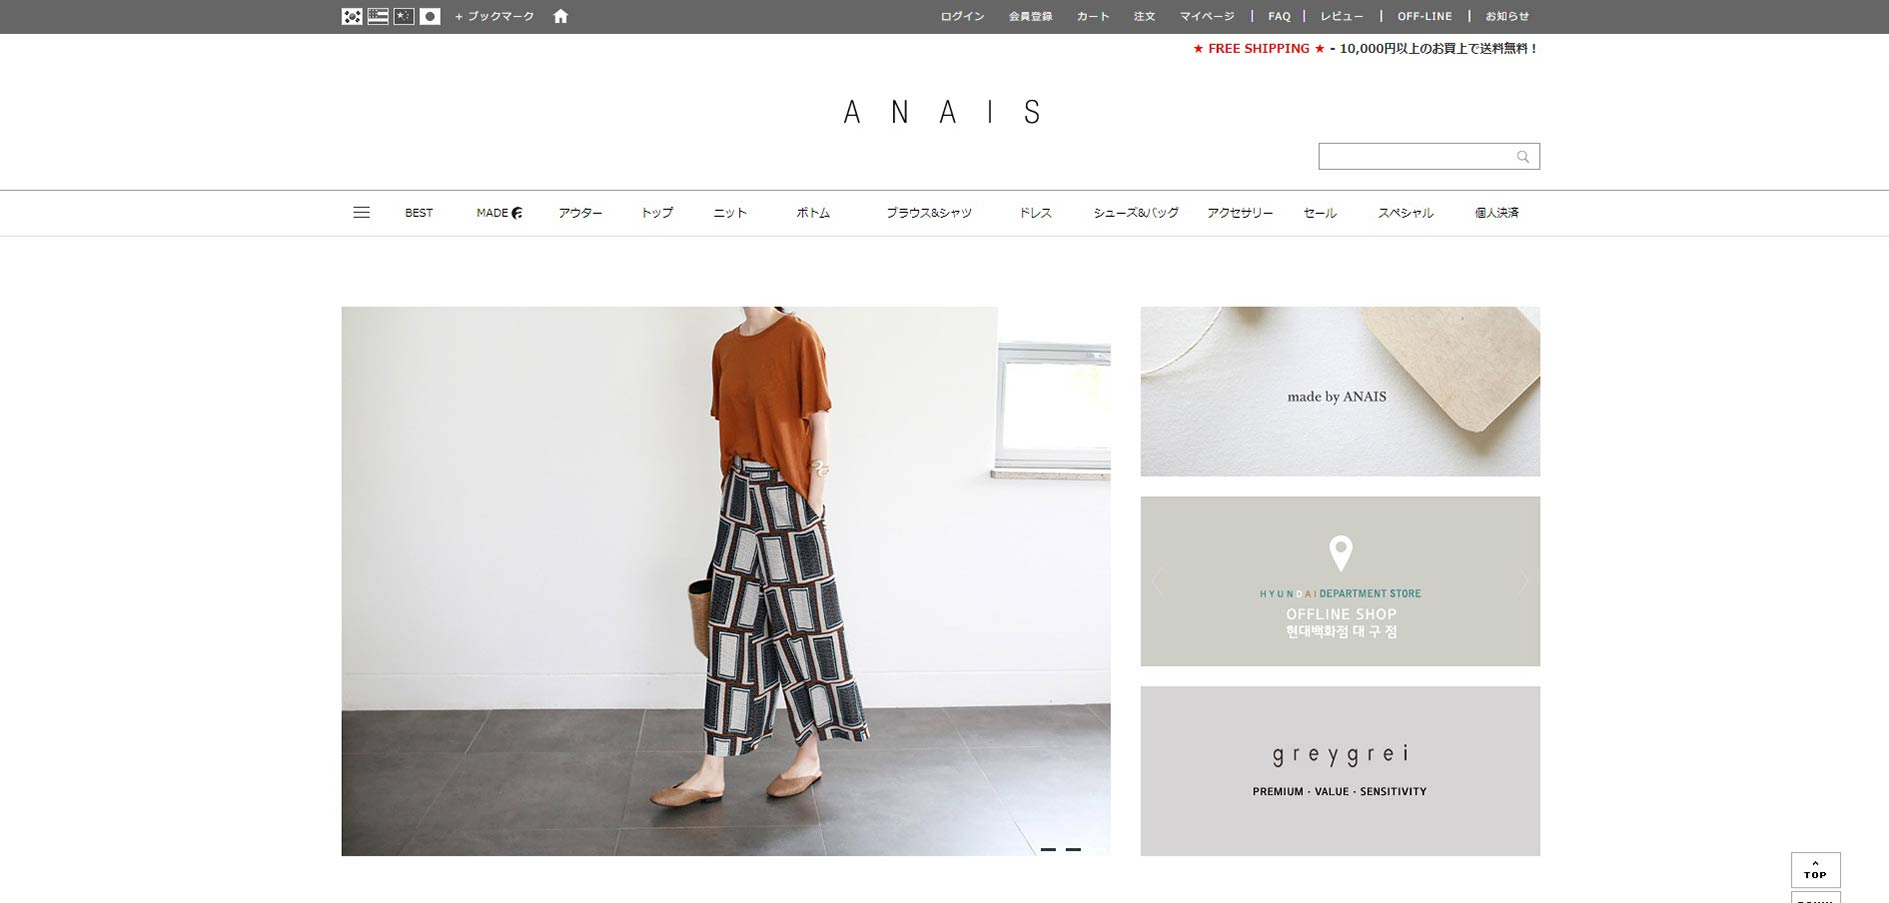 品質とデザインでおすすめな韓国ファッション通販サイトのANAIS(アナイス)!